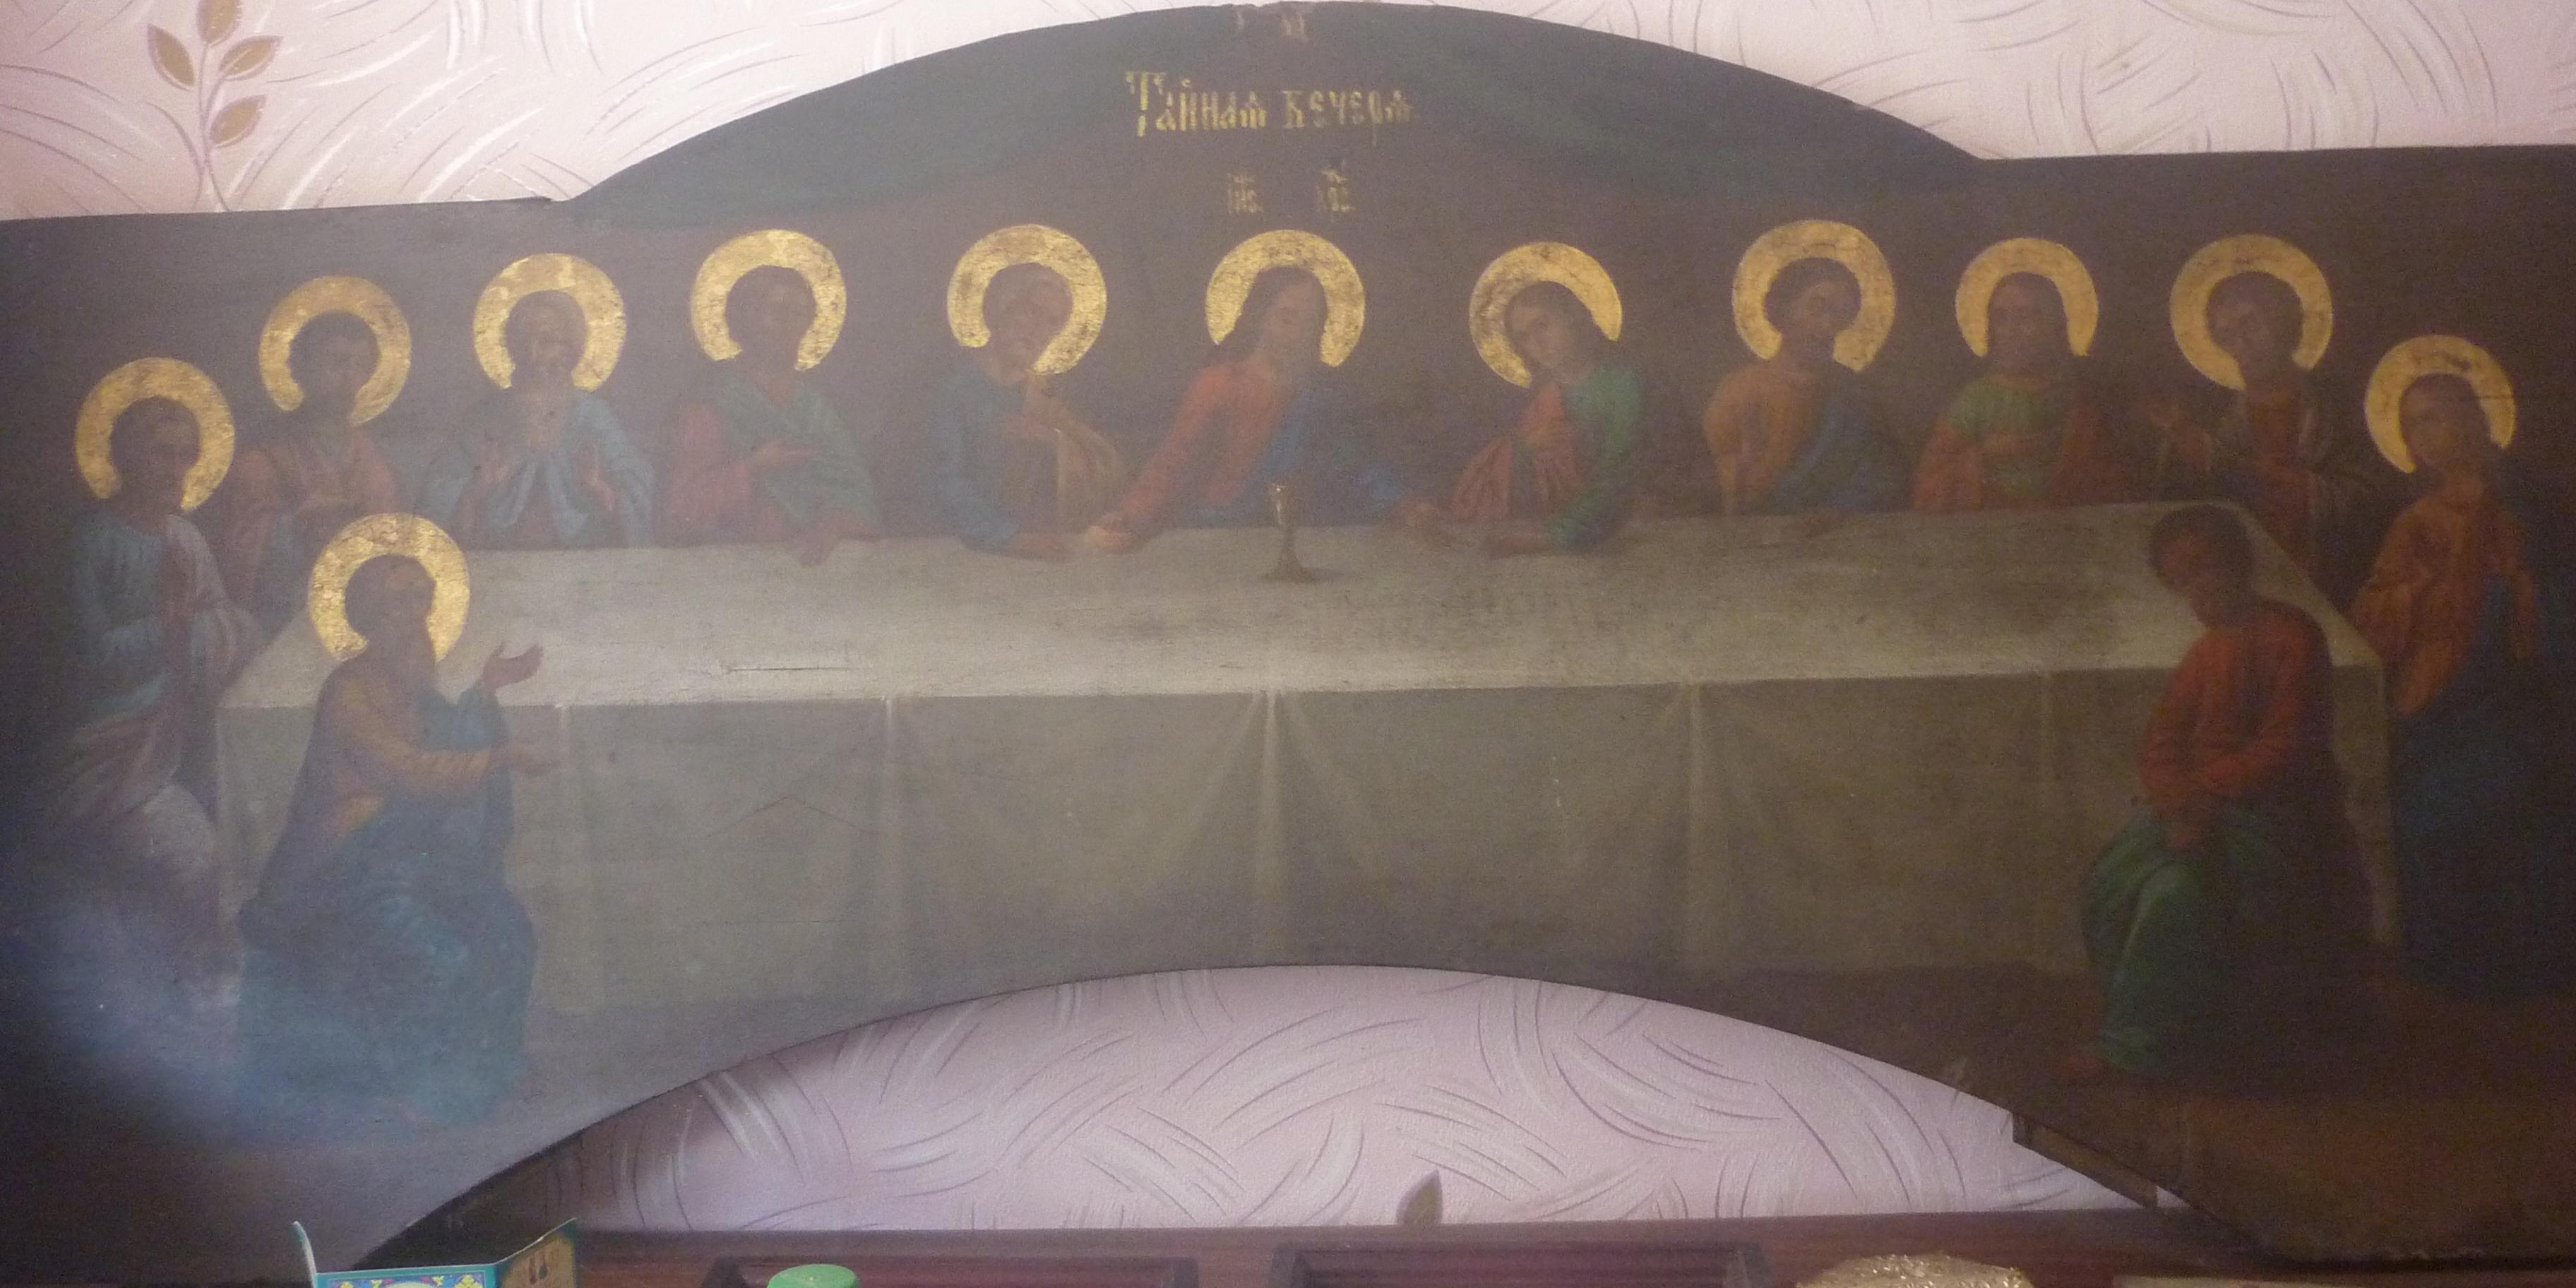 Рис. 4. Икона «Тайная вечеря» из иконостаса храма Воскресения Христова в Тихоново.